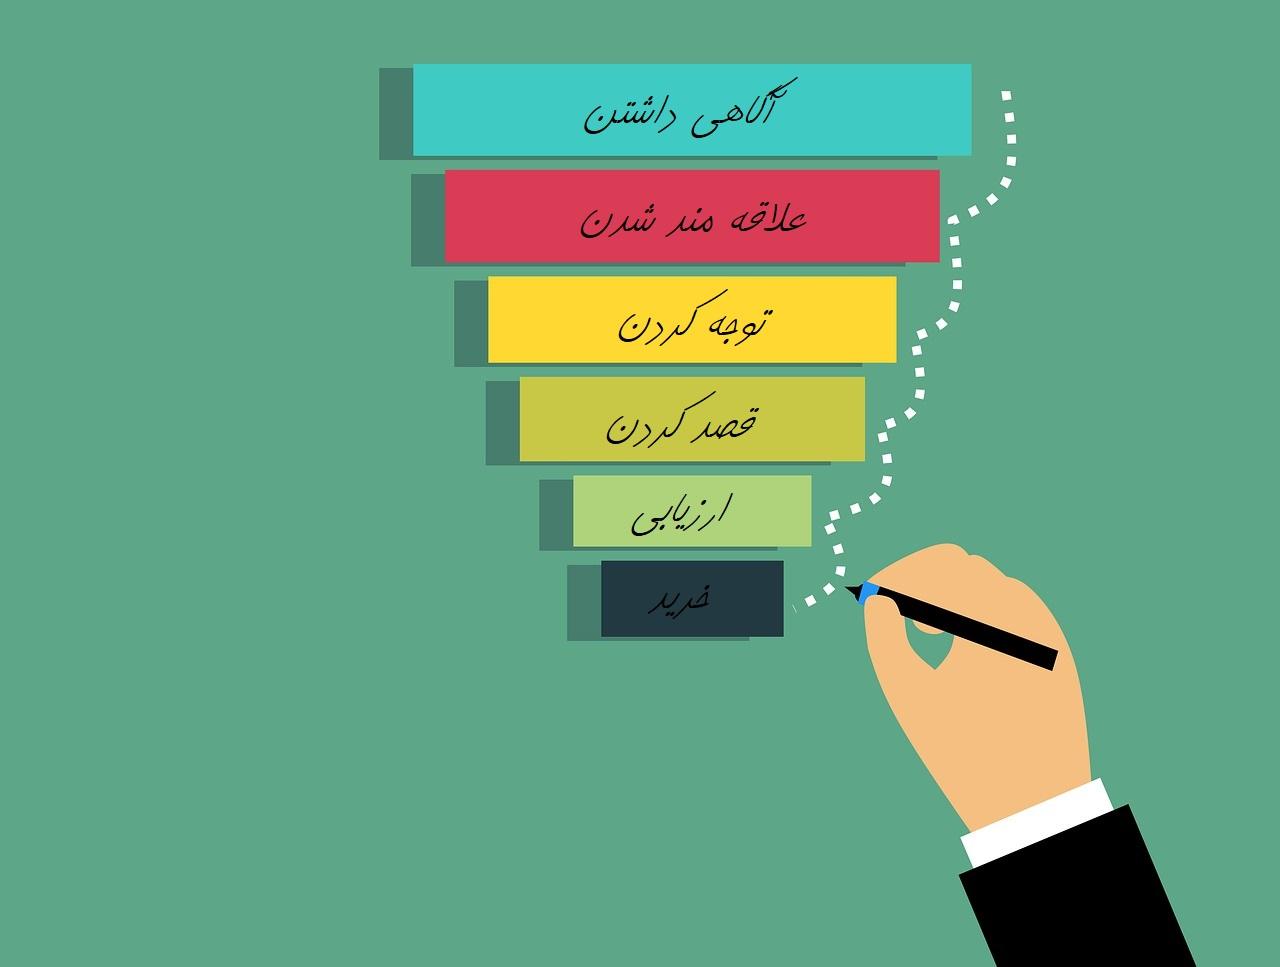 مراحل قیف فروش قیف فروش به زبان ساده ( مراحل + مثال کاربردی )